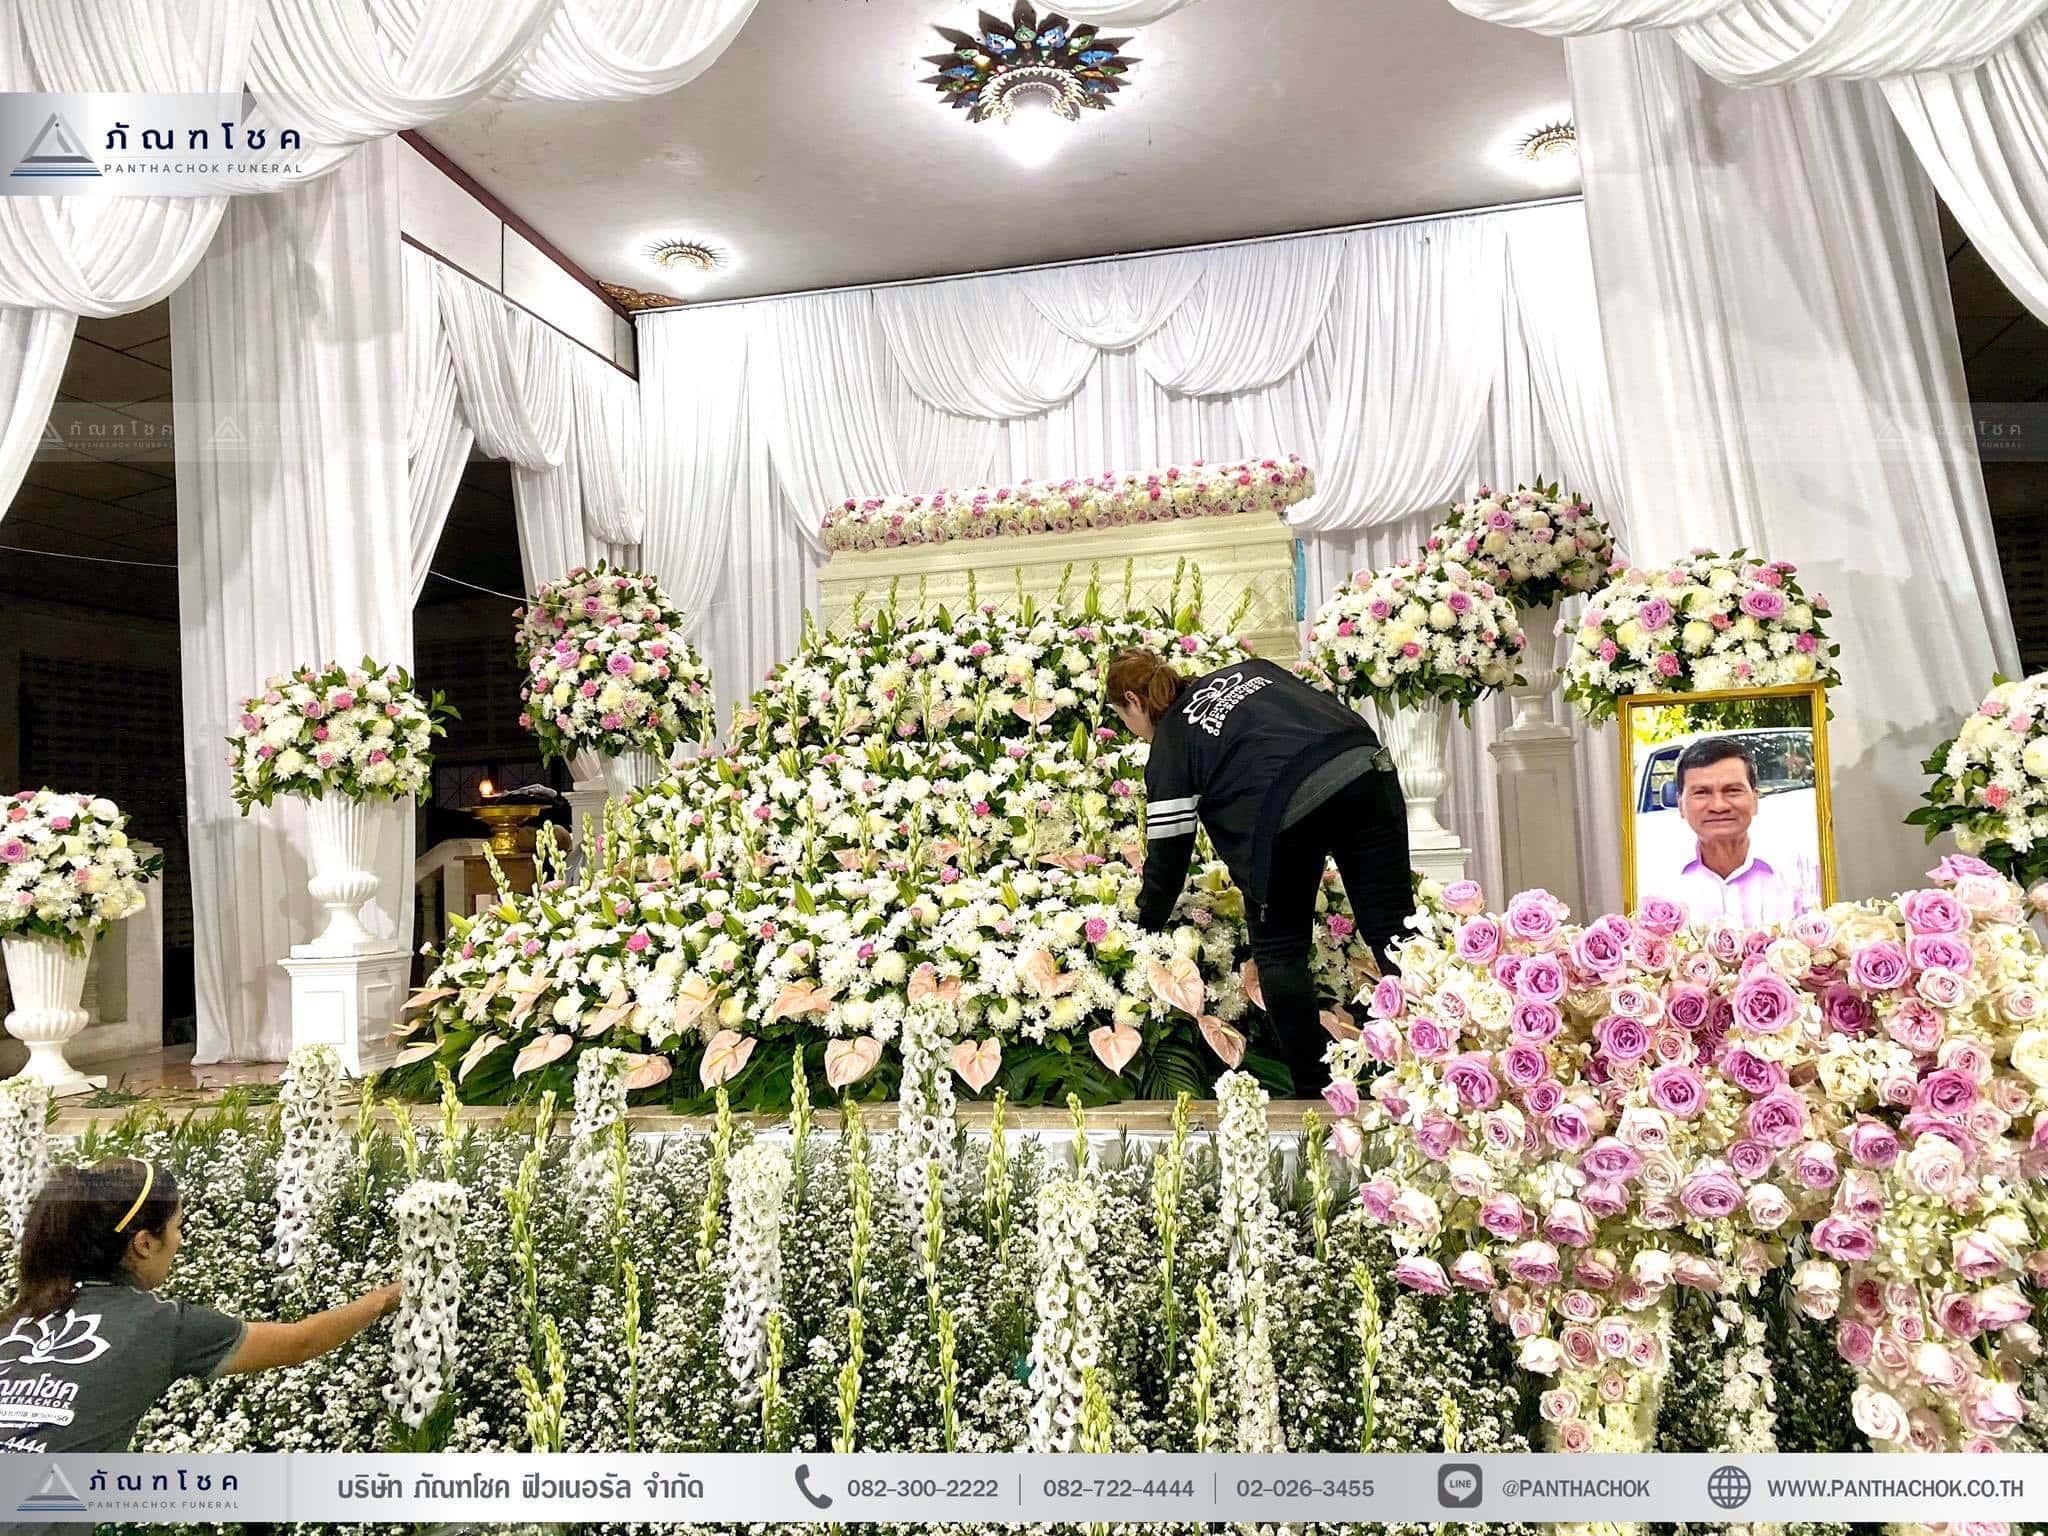 ดอกไม้งานศพโทนสีชมพูขาว สวนดอกไม้หน้าหีบ